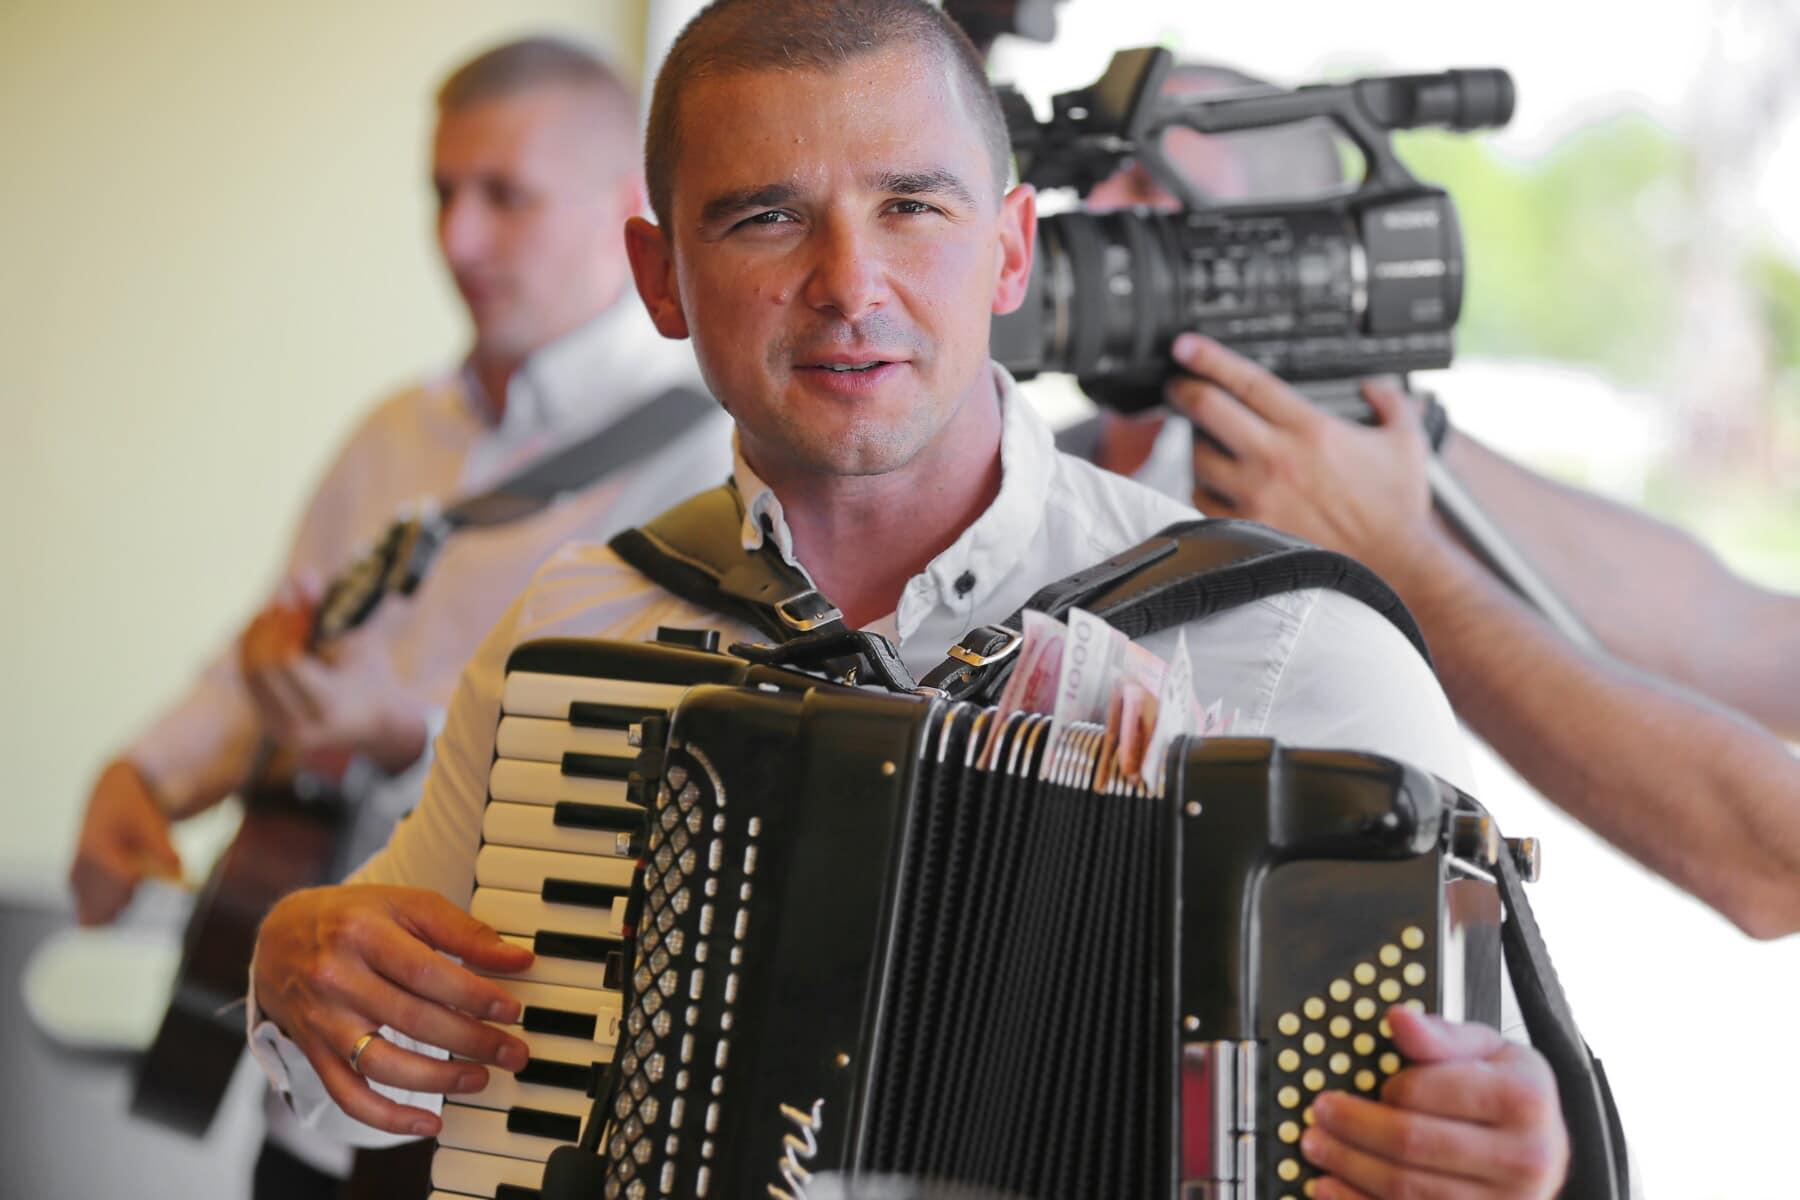 zanger, man, accordeon, muziek, mensen, portret, muzikant, film, journalist, Festival